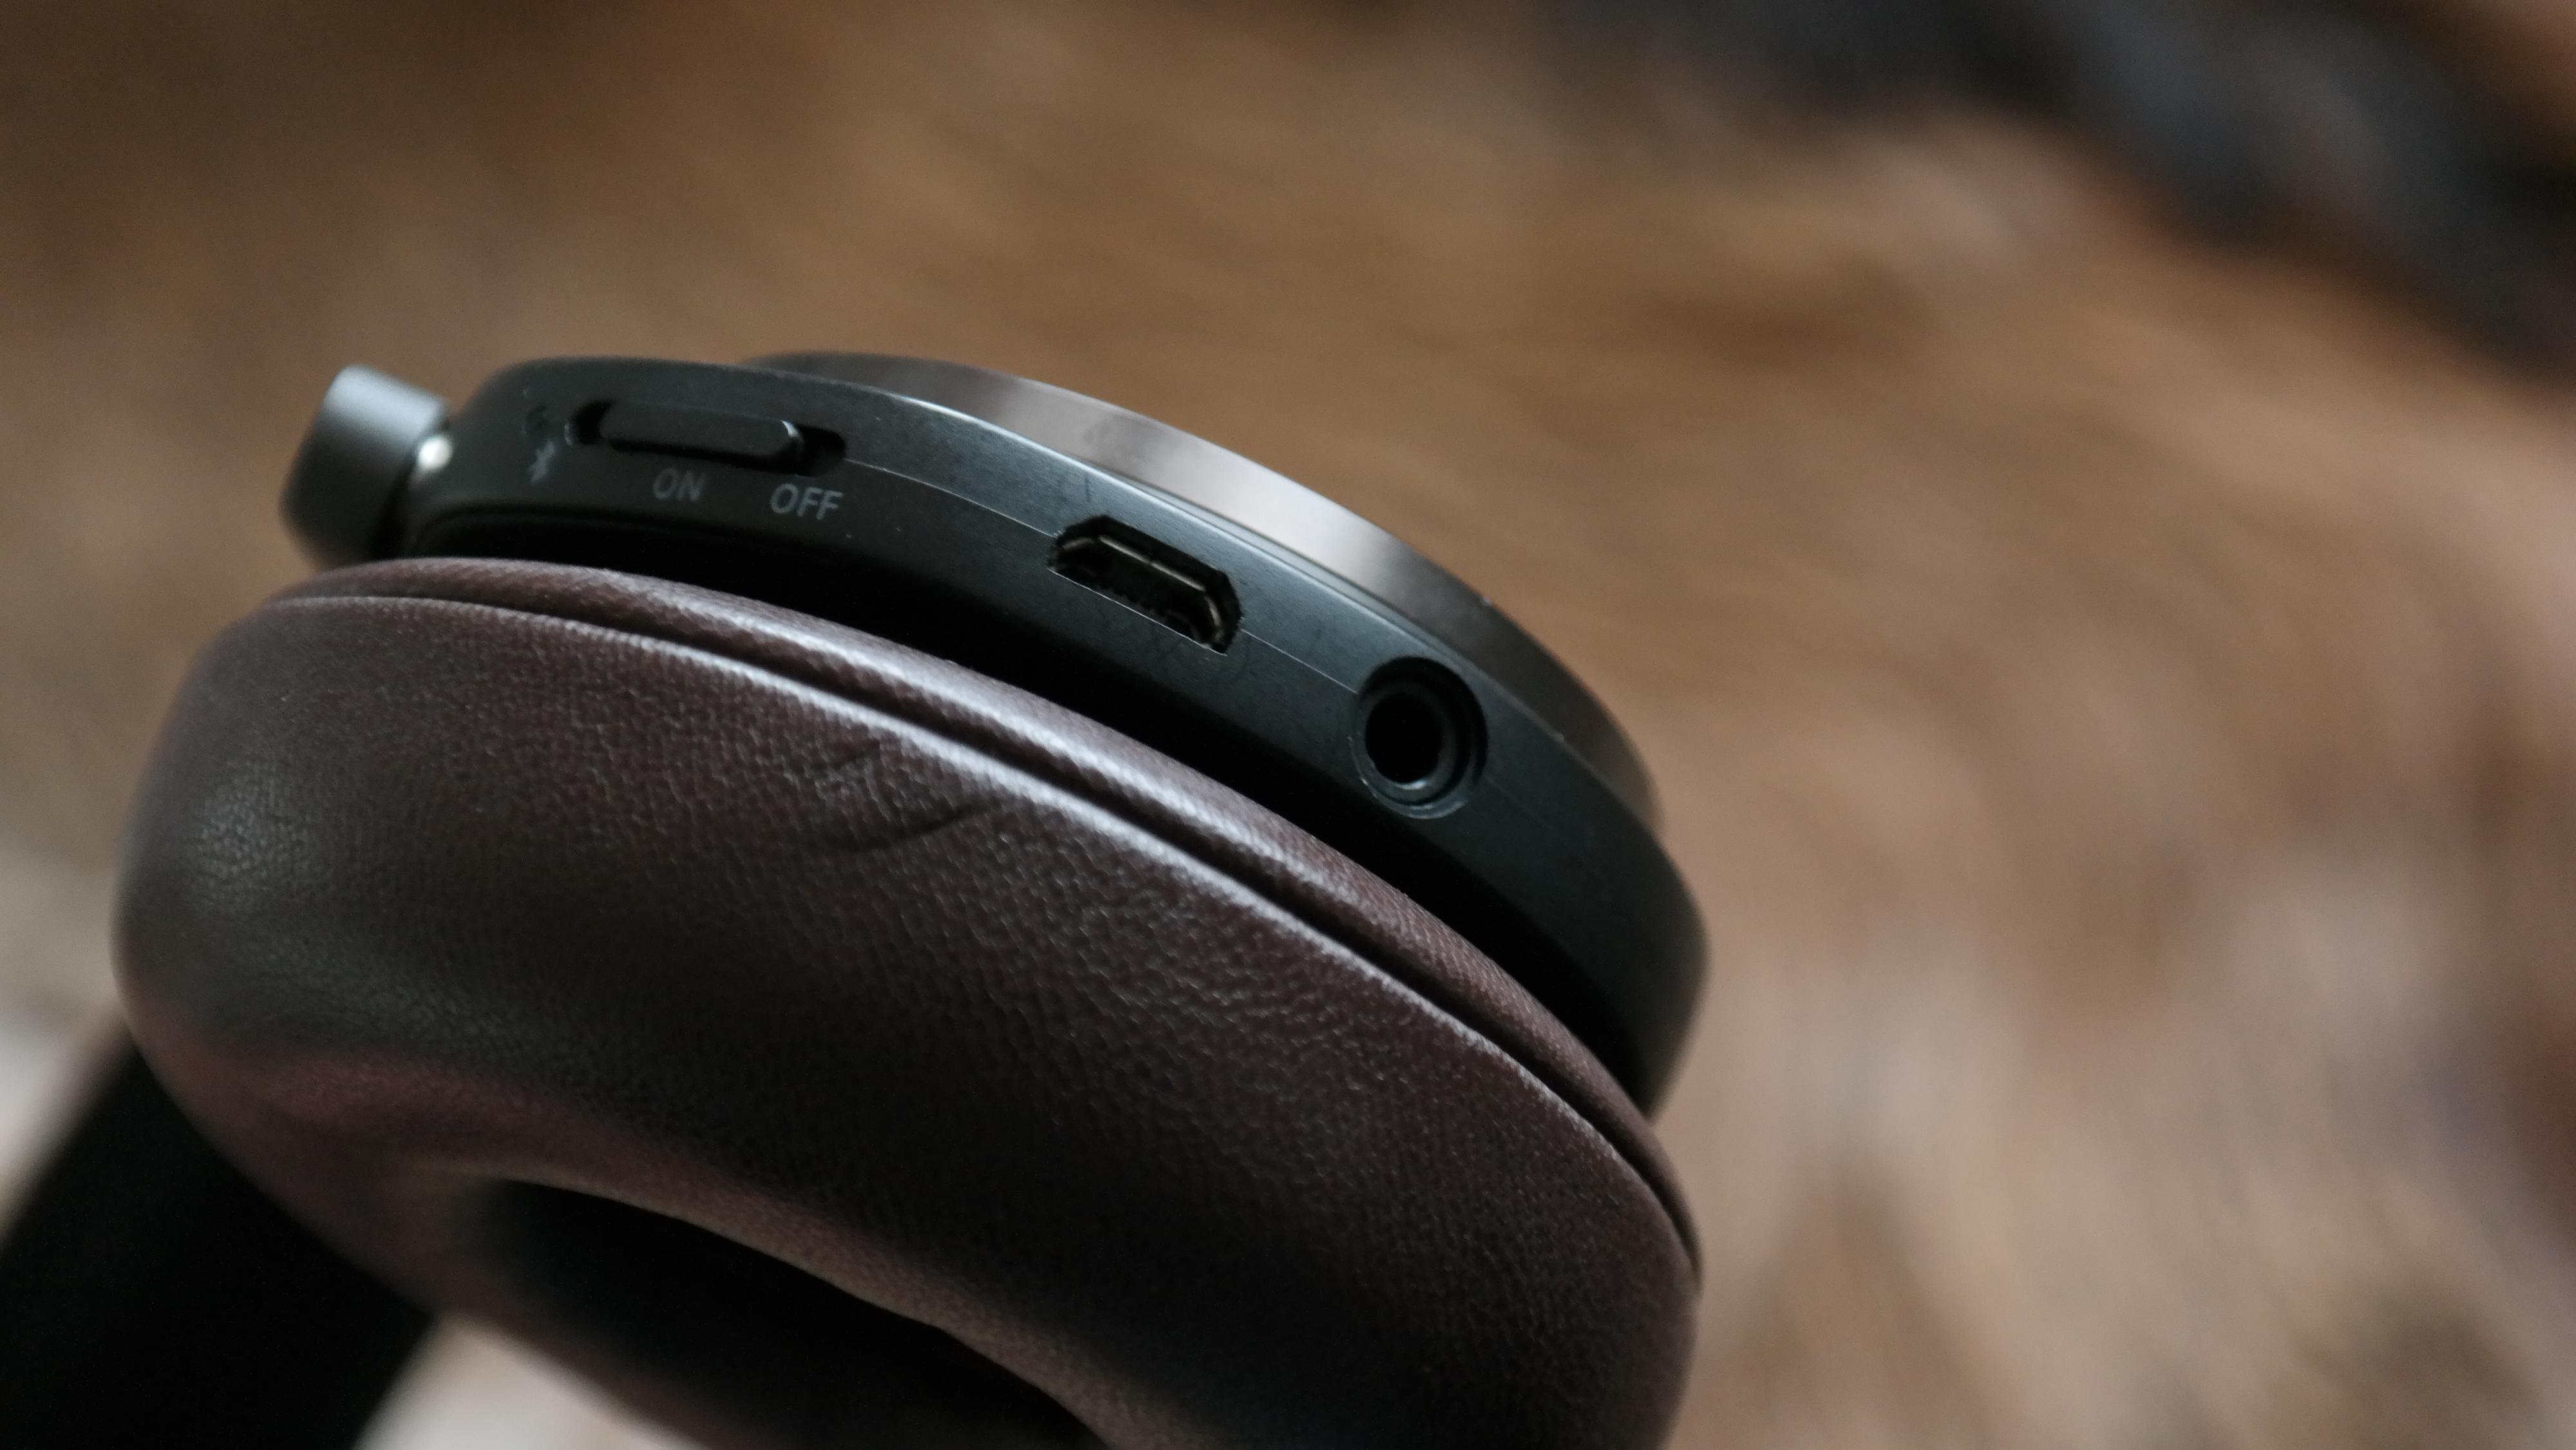 De tykke øreputene gir god passiv støydemping, hindrer lydlekkasje og sikrer bærekomforten. Foto: Espen Irwing Swang, Tek.no